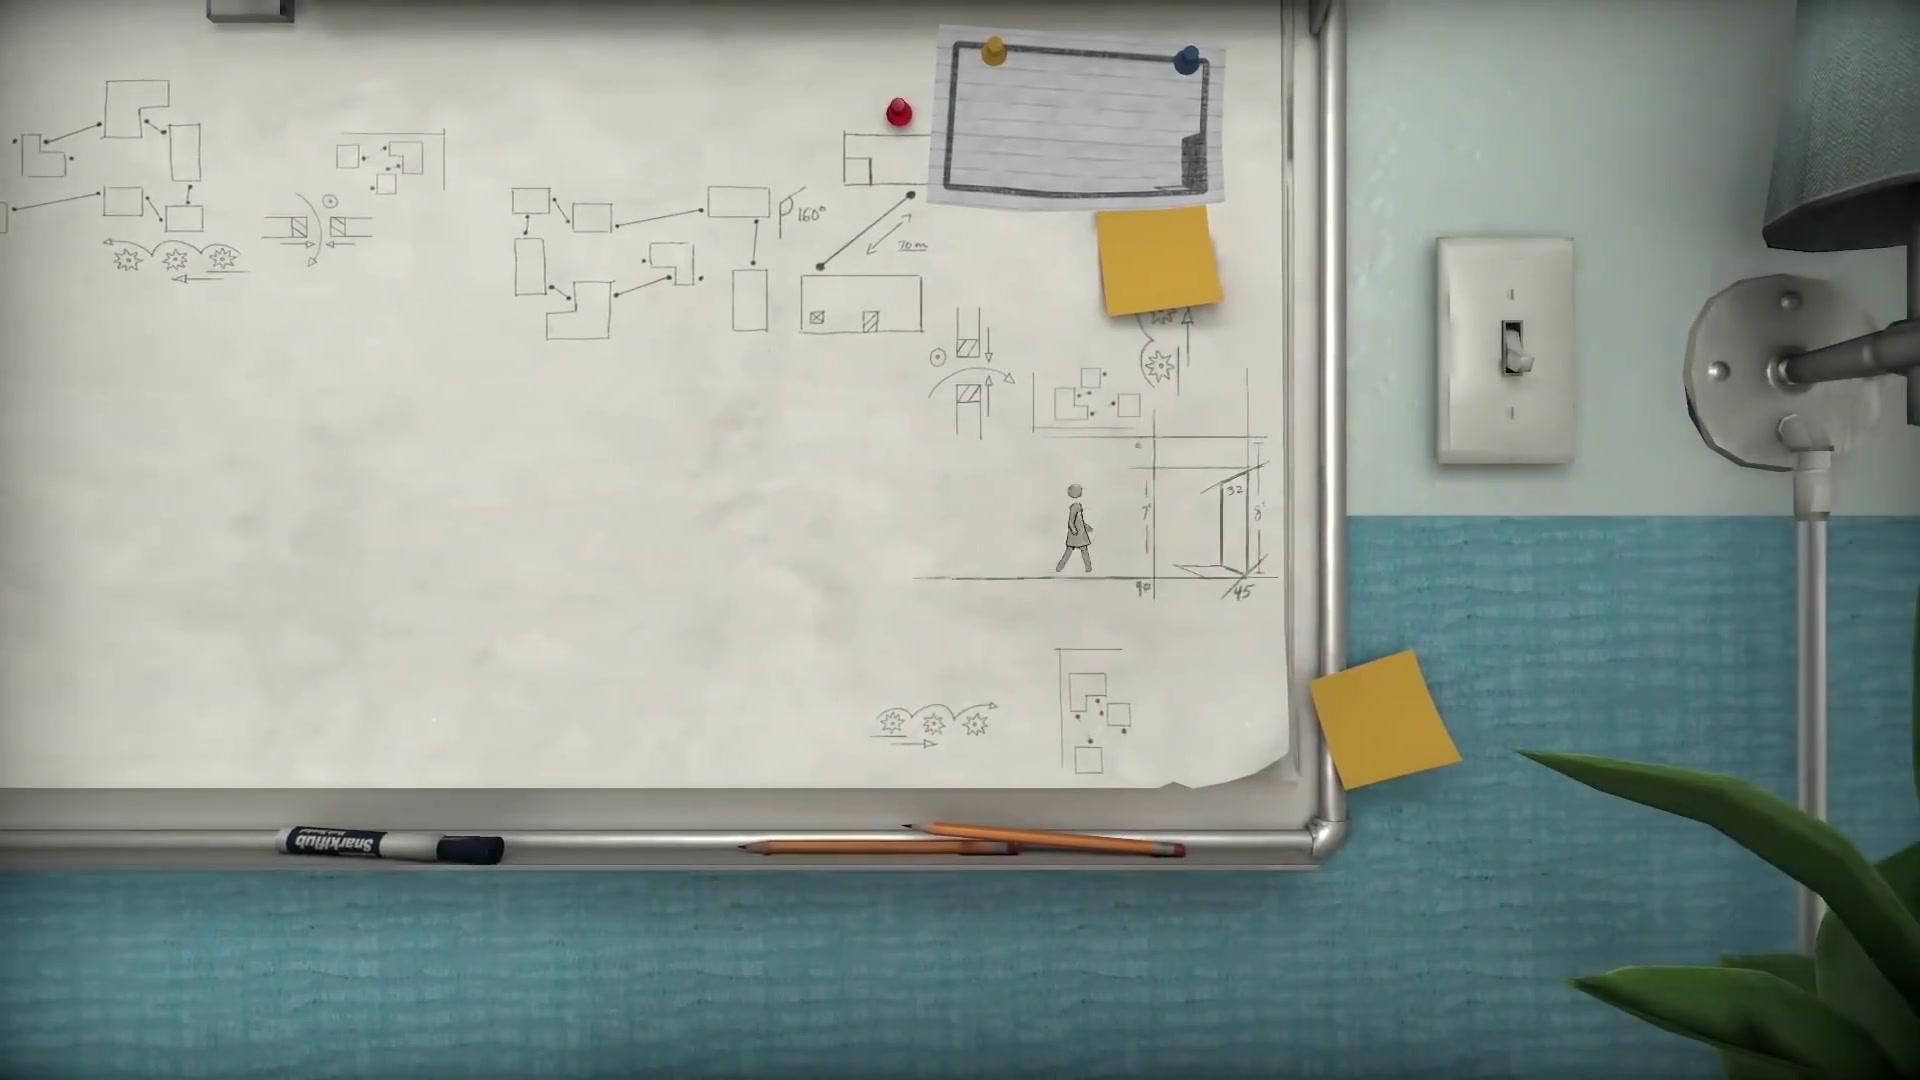 2.5D益智游戏《步行者》2021年1月登陆PS4